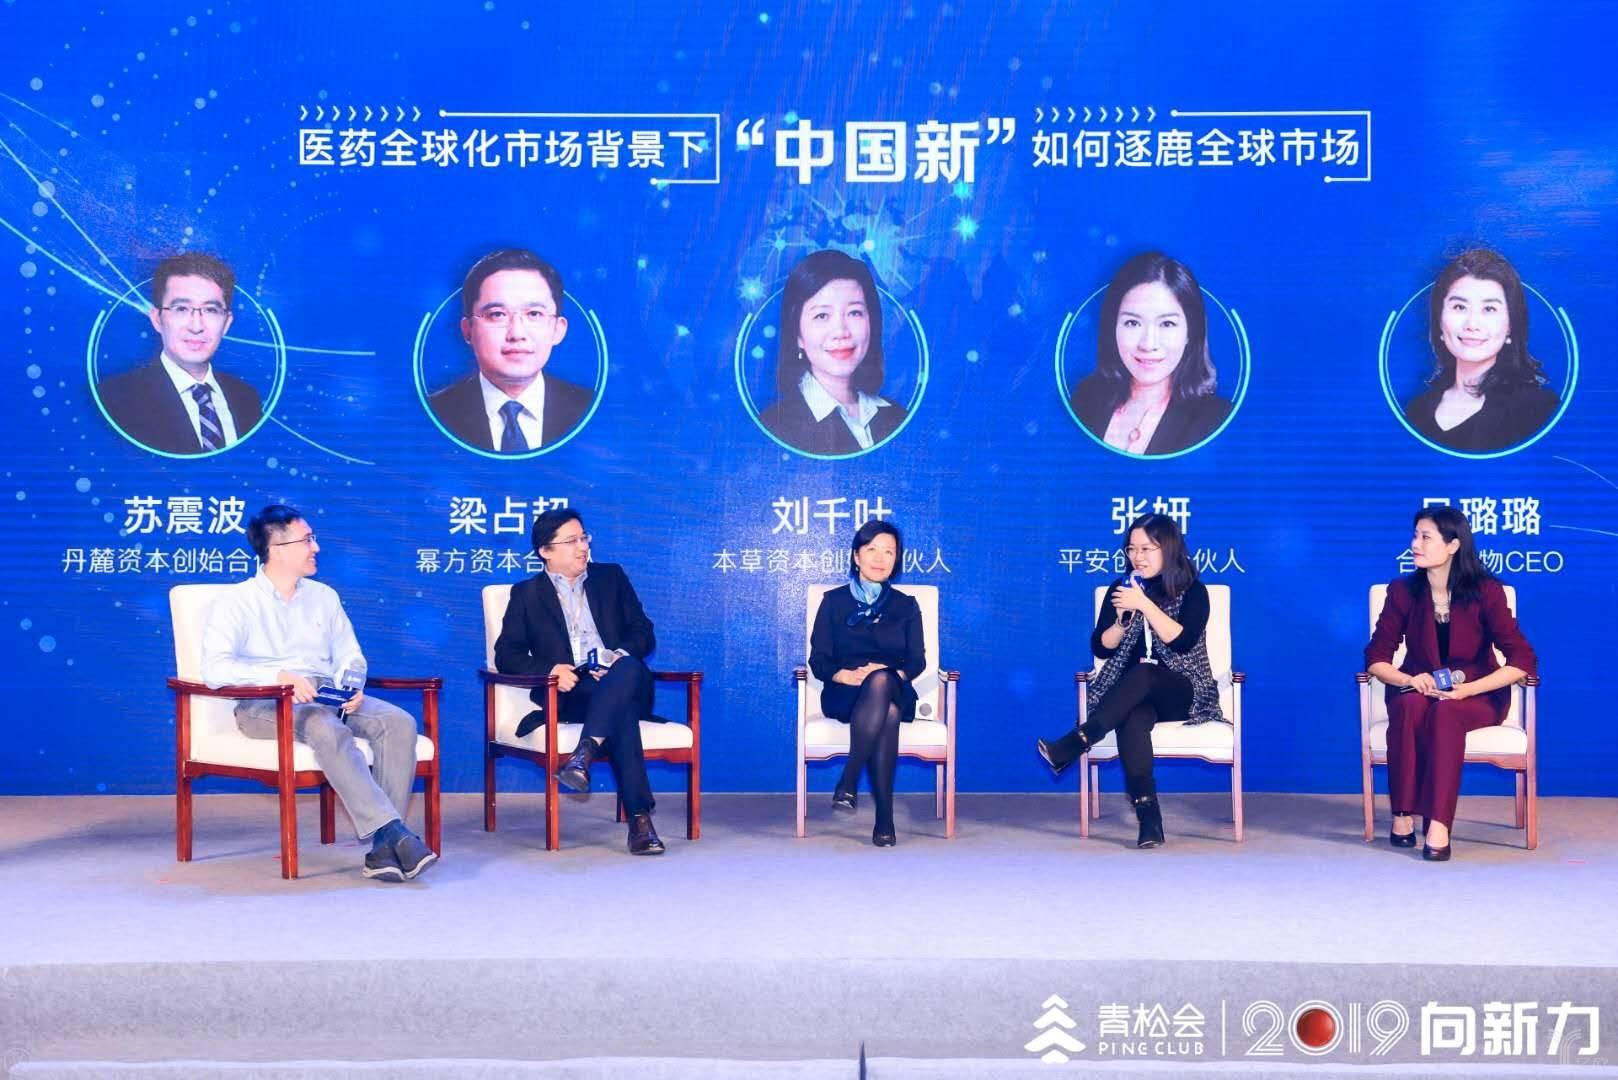 """亿欧智库:医疗全球化市场背景下""""中国新""""如何逐鹿全球市场"""